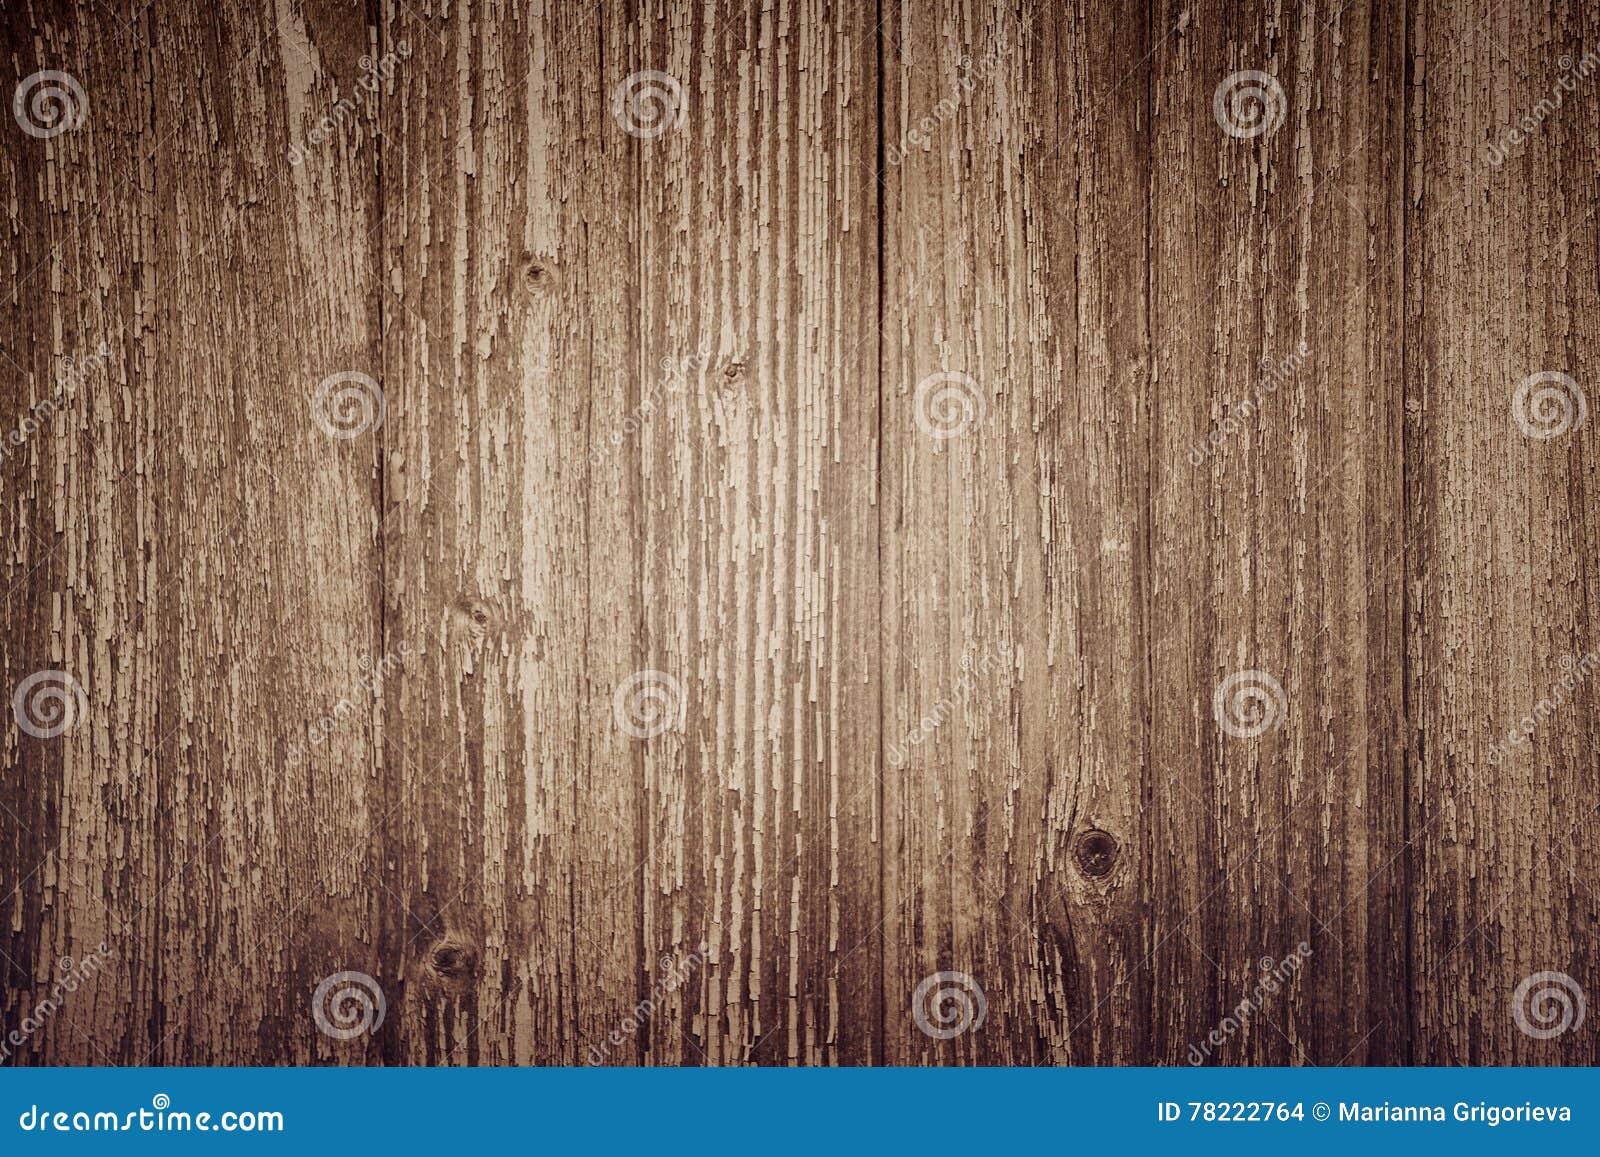 fond en bois de planche conseils verticaux bruns texture en bois vieille table et x28. Black Bedroom Furniture Sets. Home Design Ideas